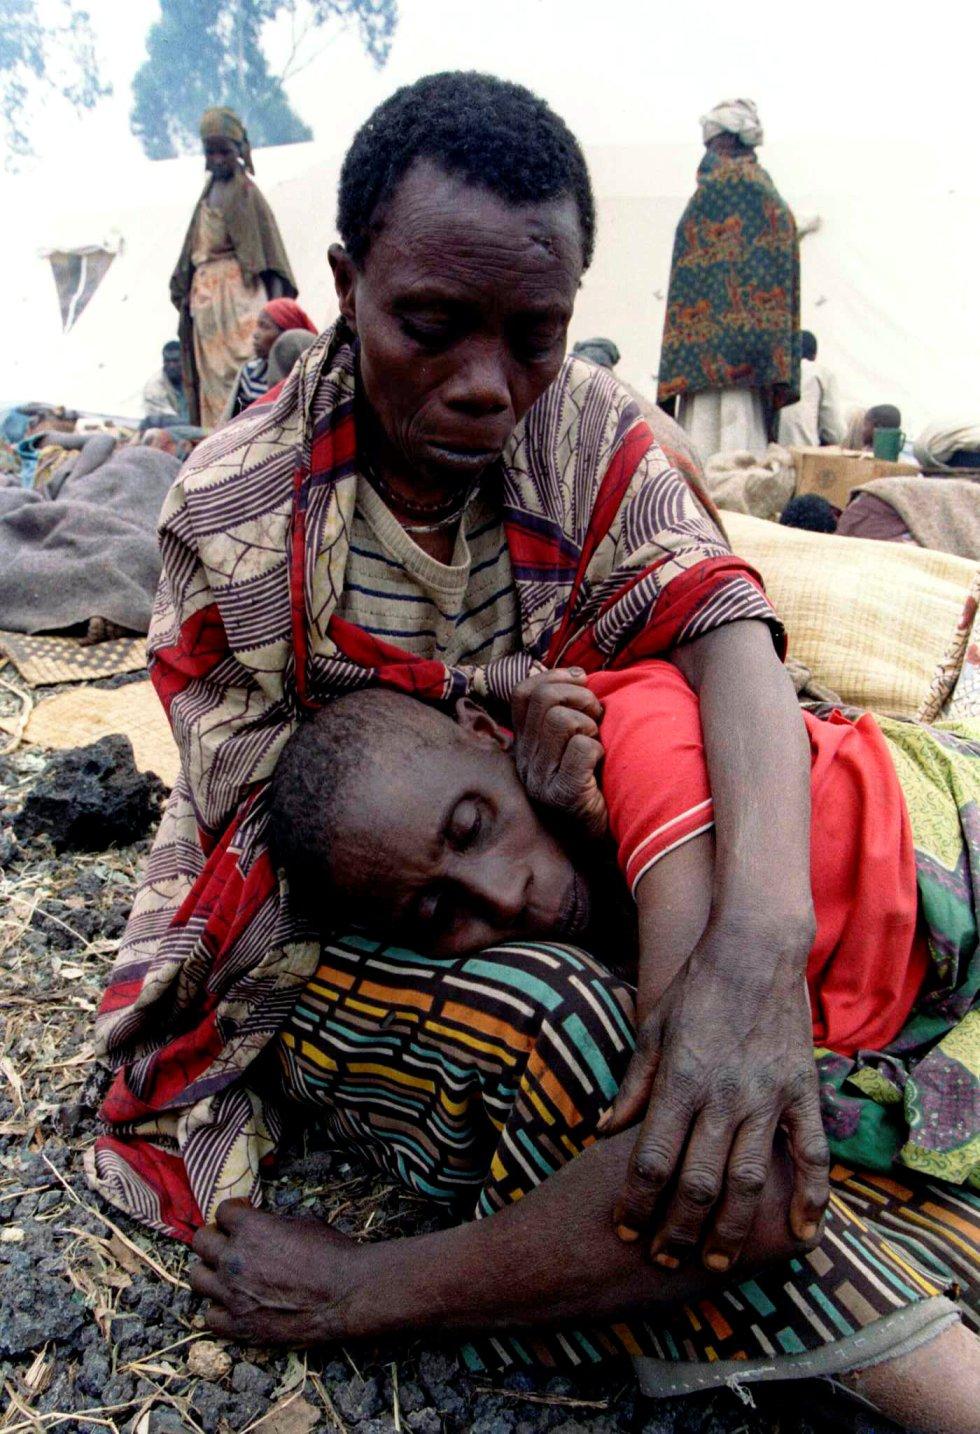 Un hombre consuela a su esposa, enferma de cólera, en un campo de refugiados, a 10 kilómetros al norte de Goma (República Democrática del Congo), el 21 de julio de 1994.